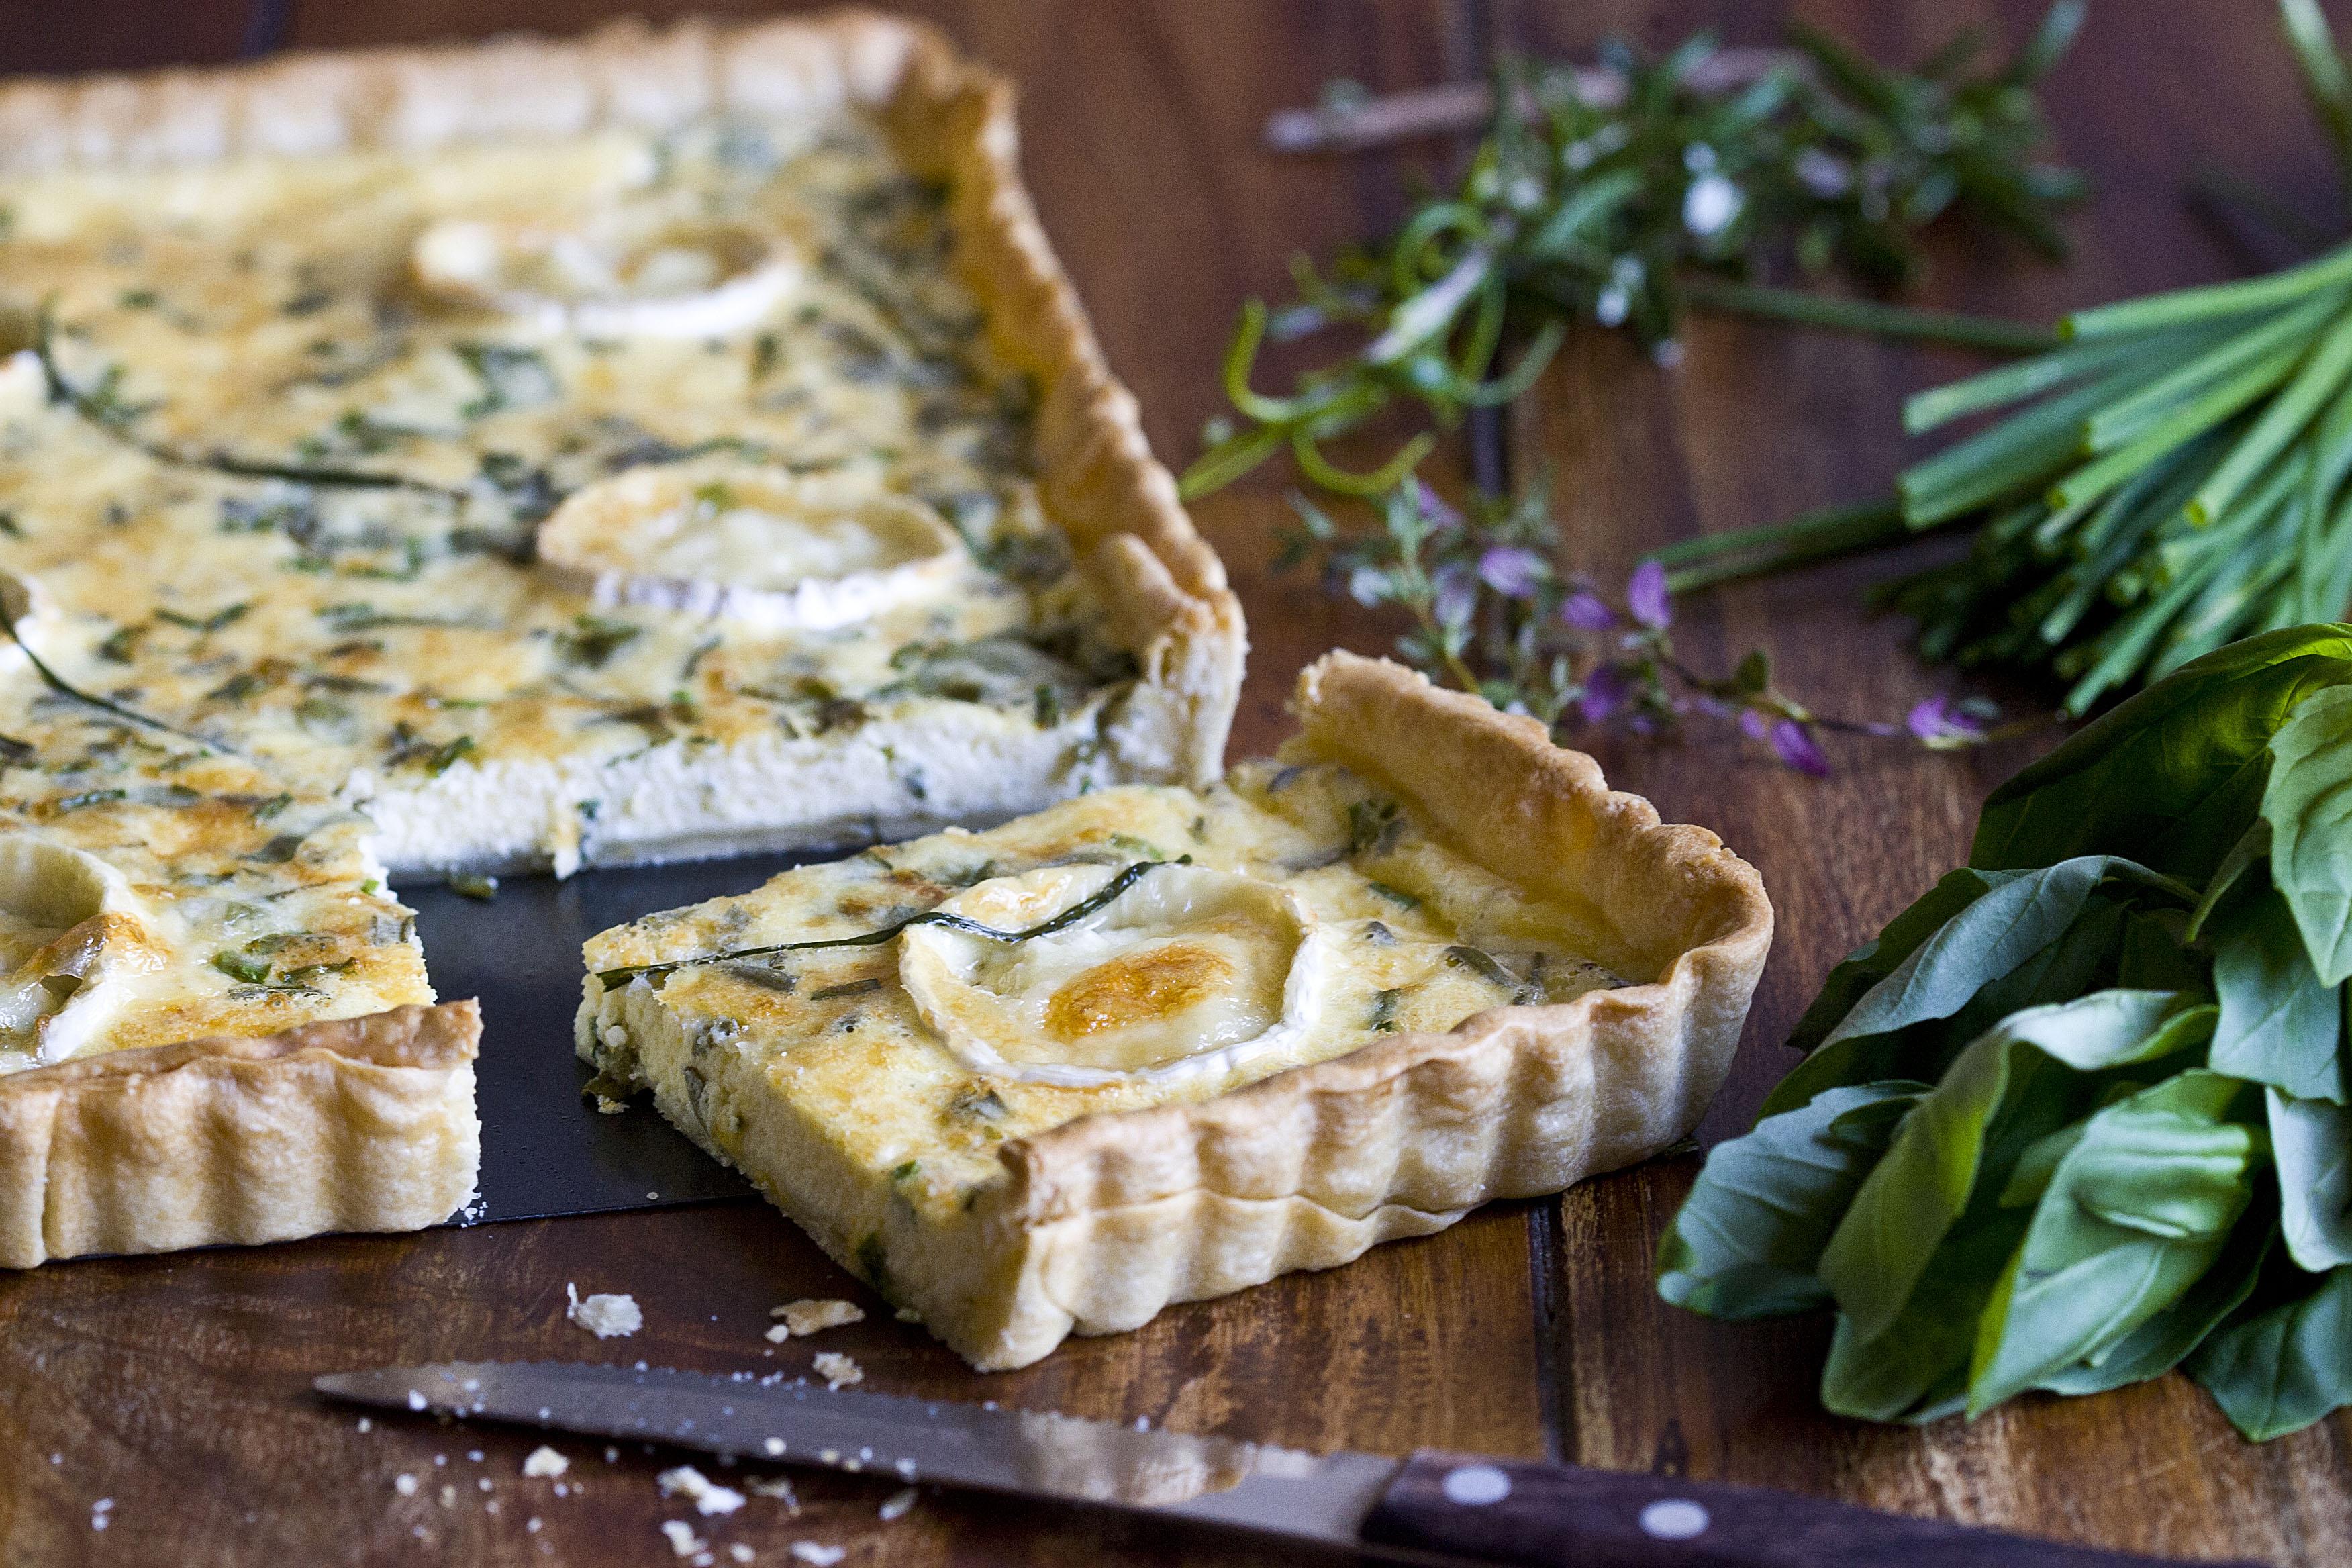 Quiche de quesos y hierbas aromáticas 3